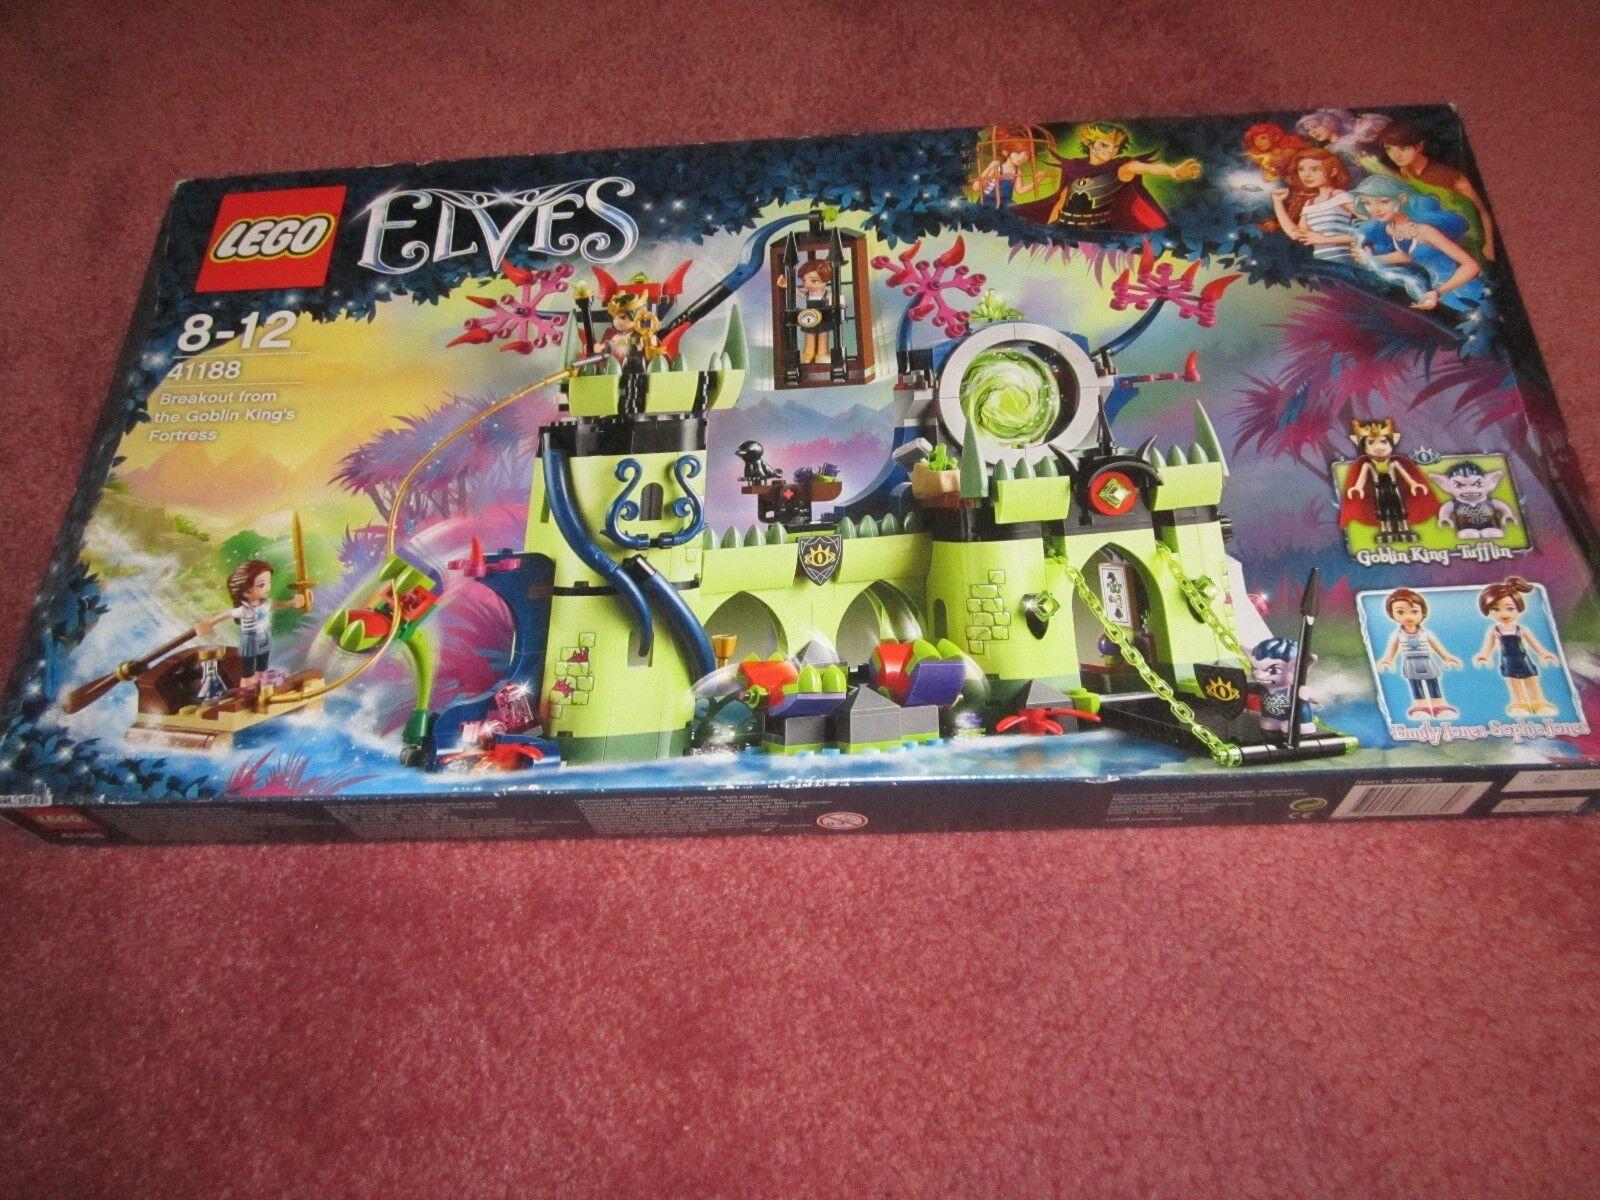 LEGO Elfi Breakout dal  Re Goblin'S FORTEZZA 41188-vedi foto-NUOVO  promozioni eccitanti